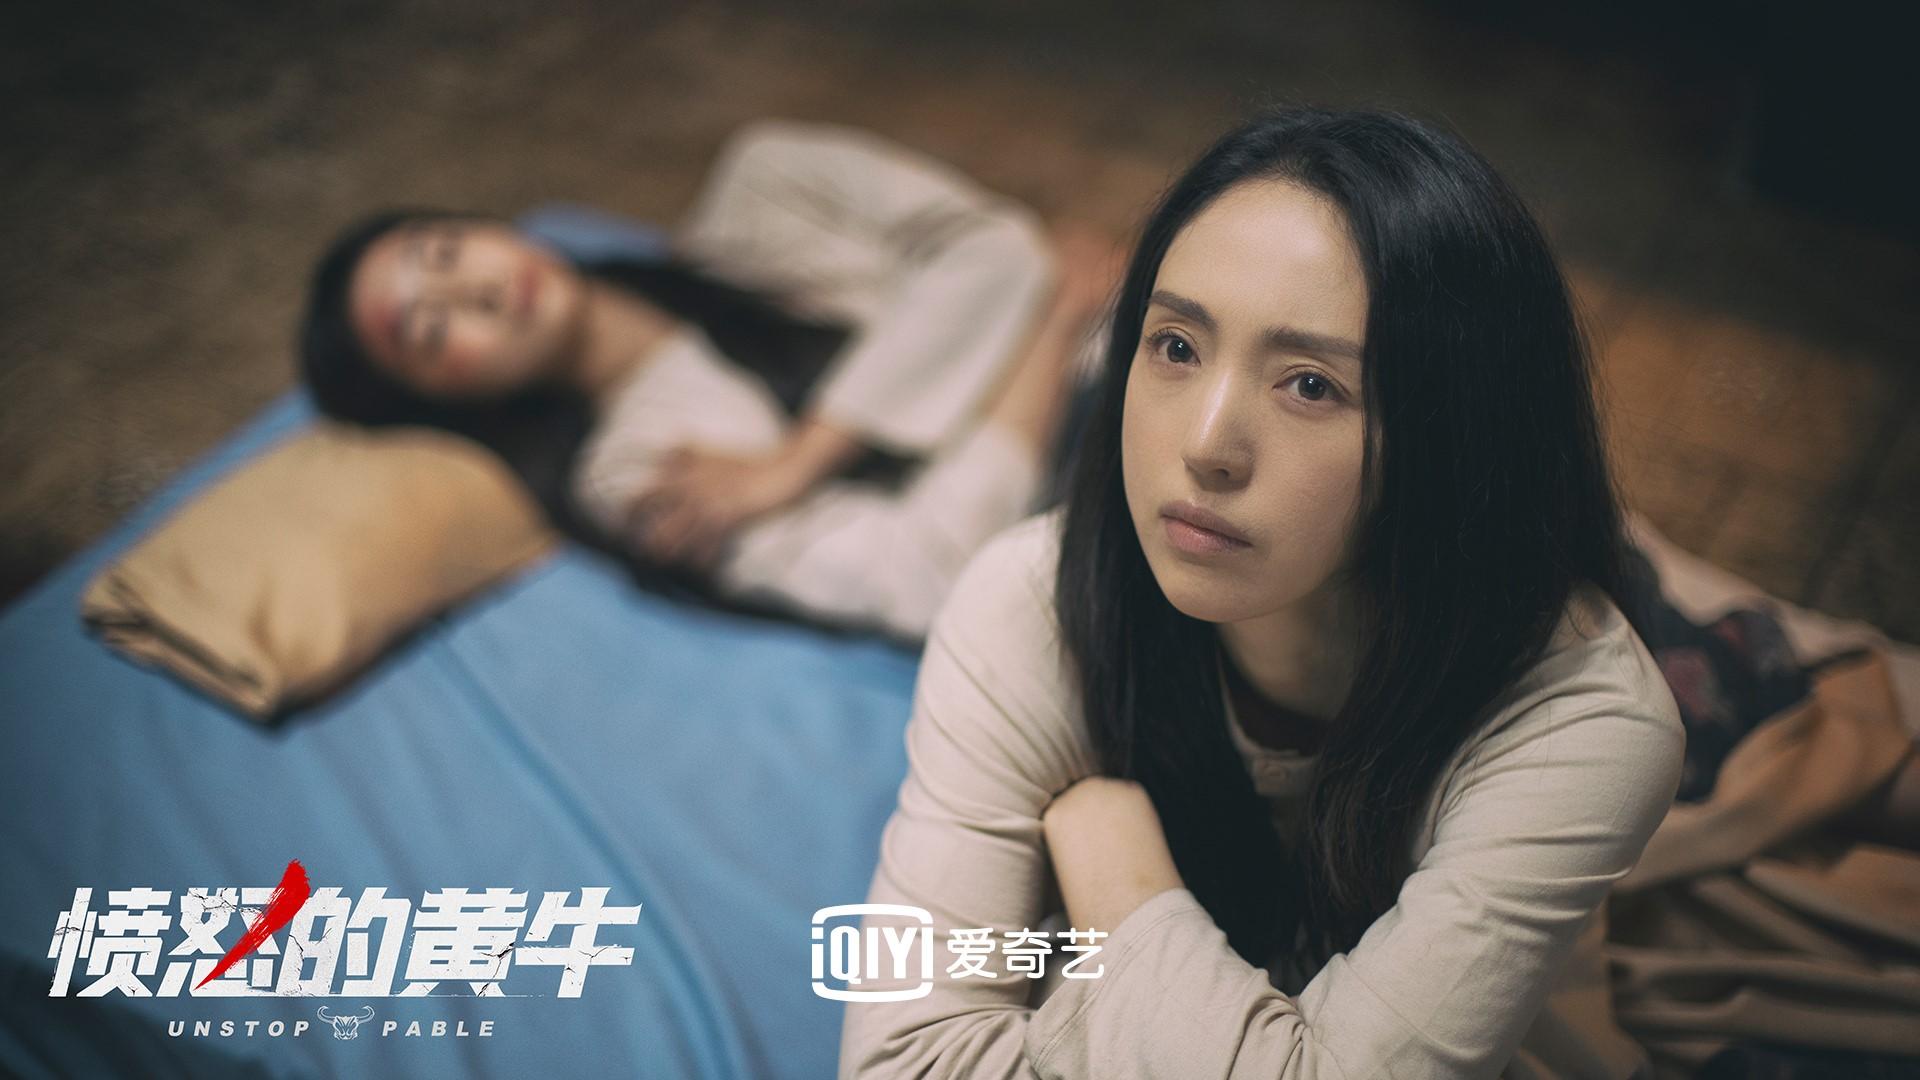 中国版《愤怒的黄牛》定档8月6日 (3).jpg